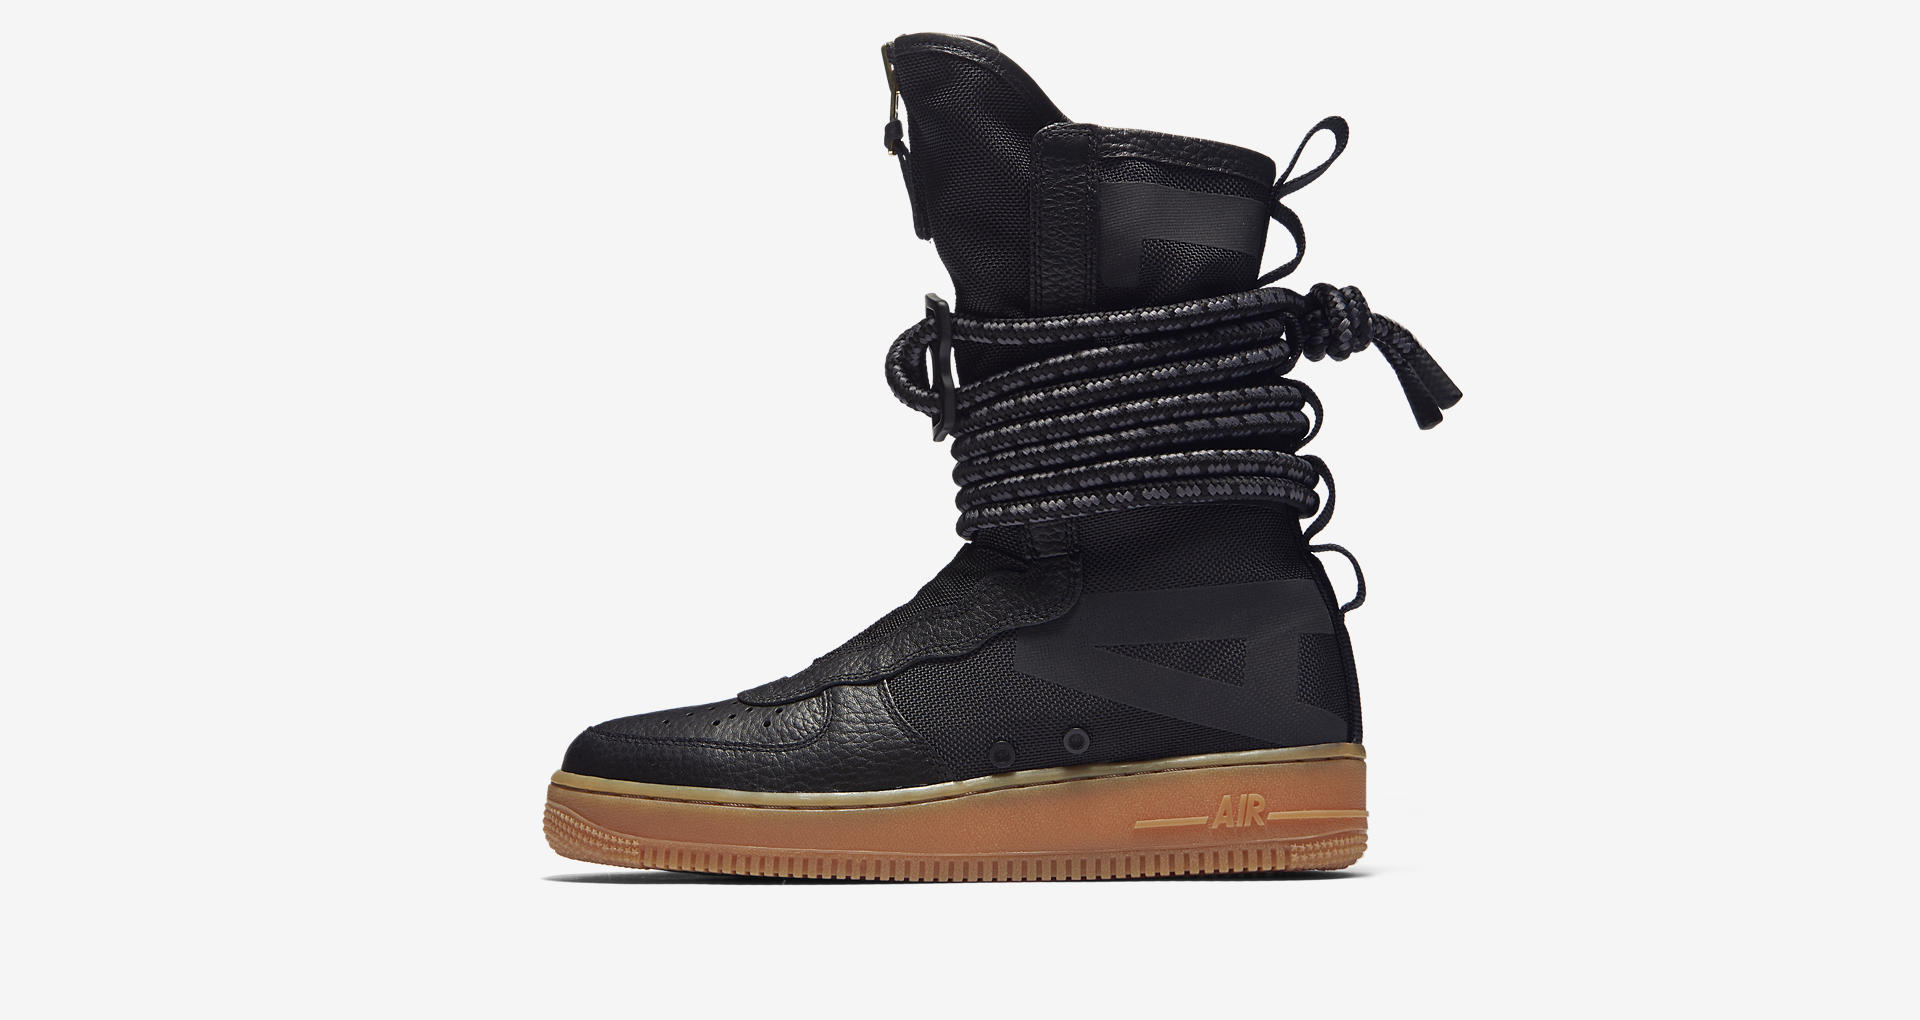 01428ef2a25 nike SF AF1 high black gum medium zipper womens 1 - WearTesters